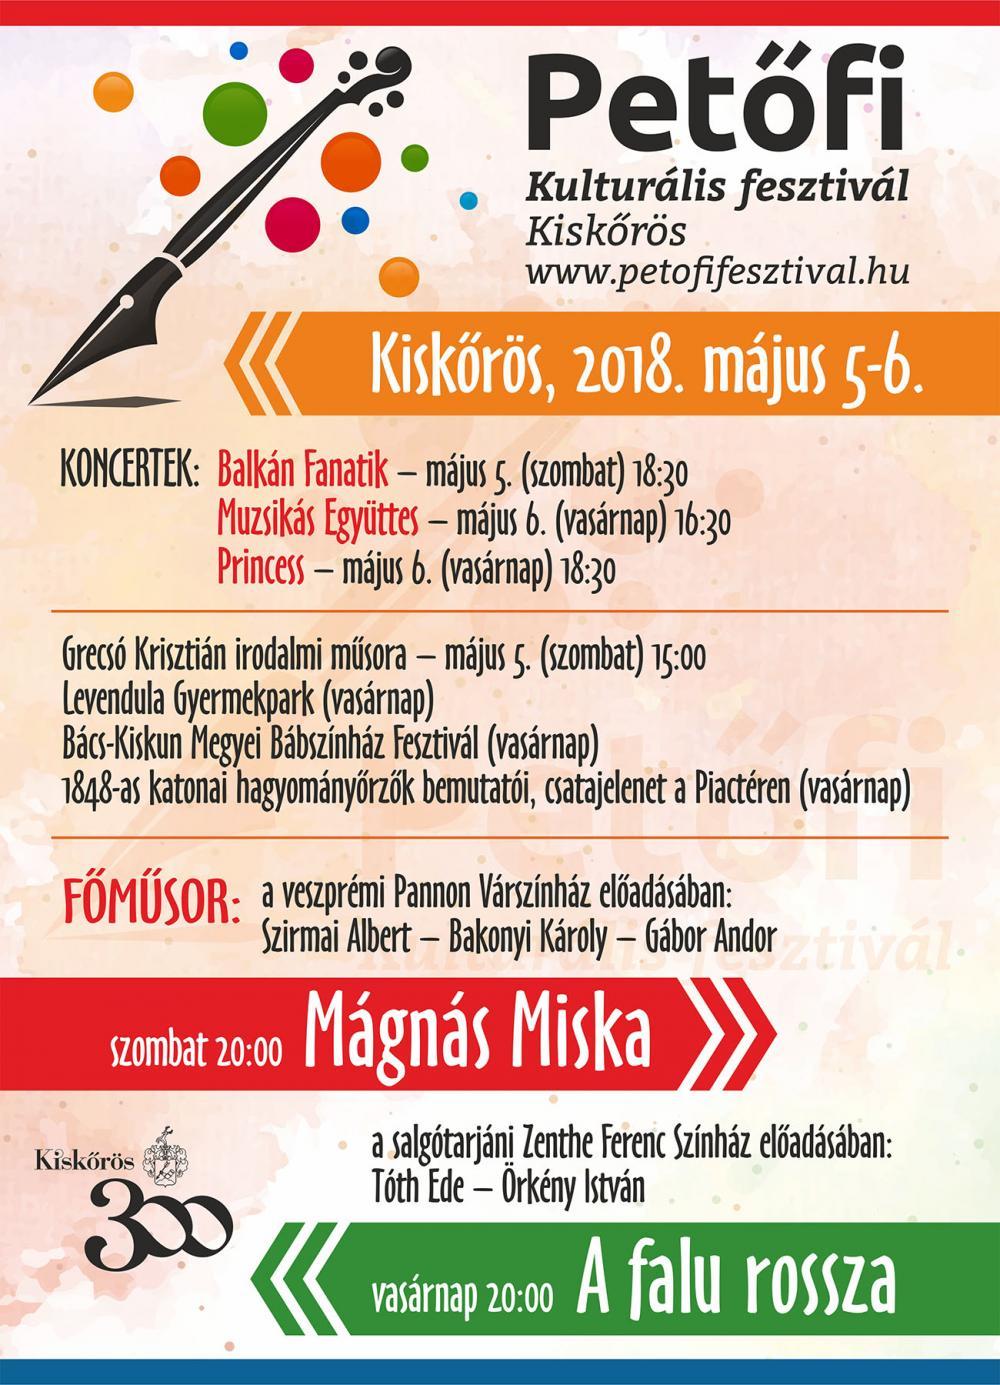 Petőfi Kulturális Fesztivál - 2018